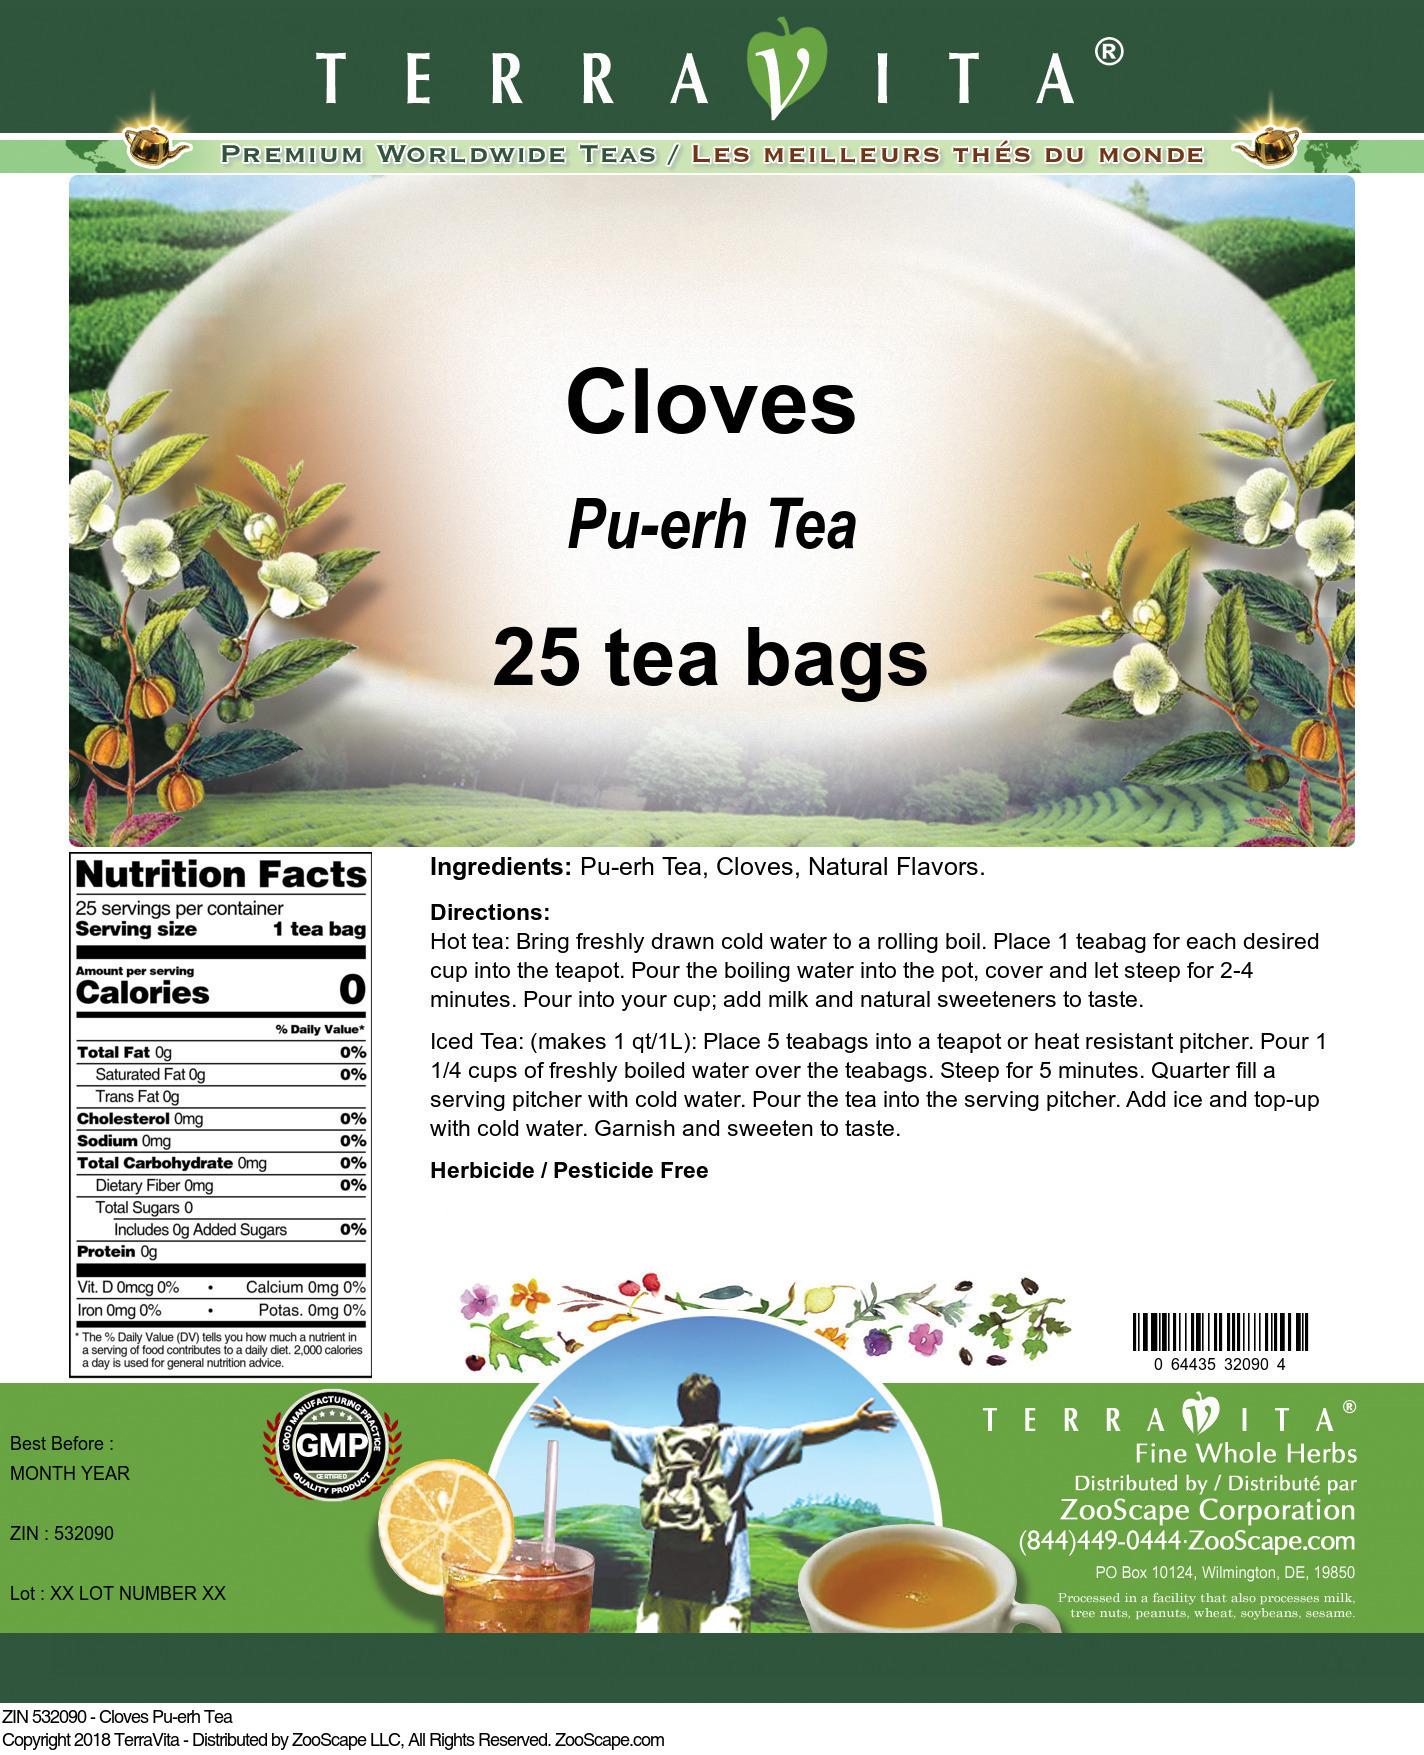 Cloves Pu-erh Tea